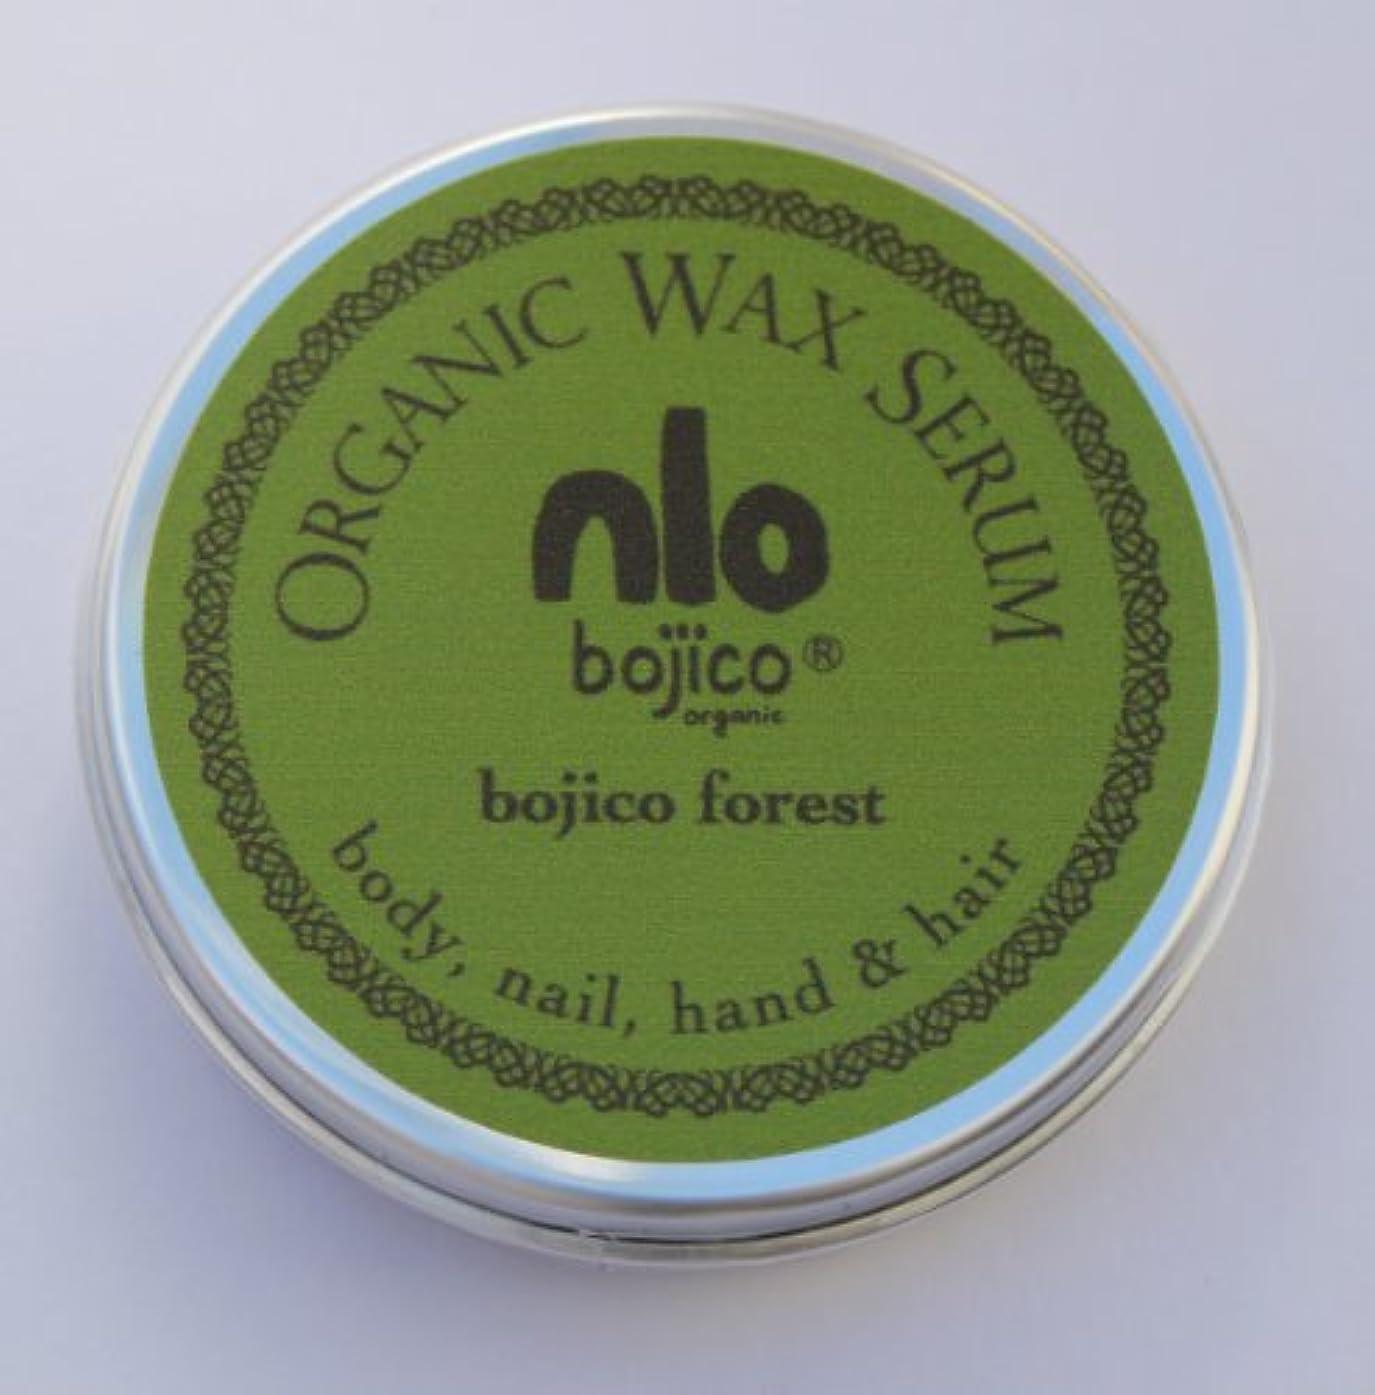 手荷物挨拶する背の高いbojico オーガニック ワックス セラム<フォレスト> Organic Wax Serum 18g